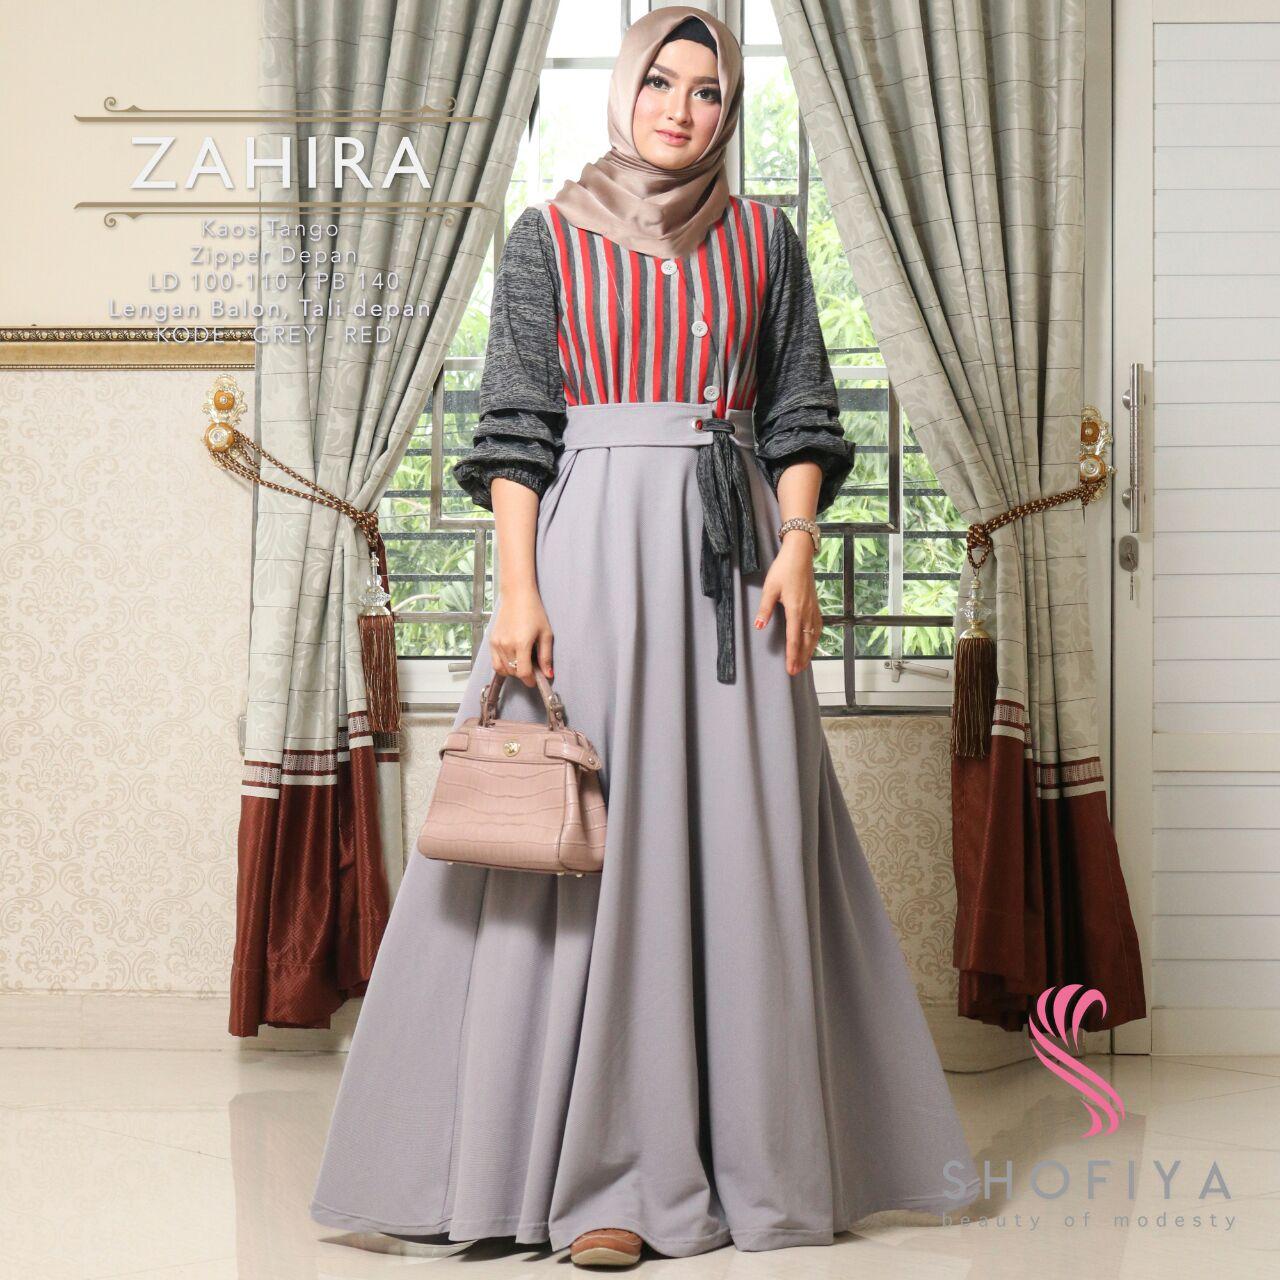 Jual Long Dress Premium Zahira Gamis Wanita Dress Wanita